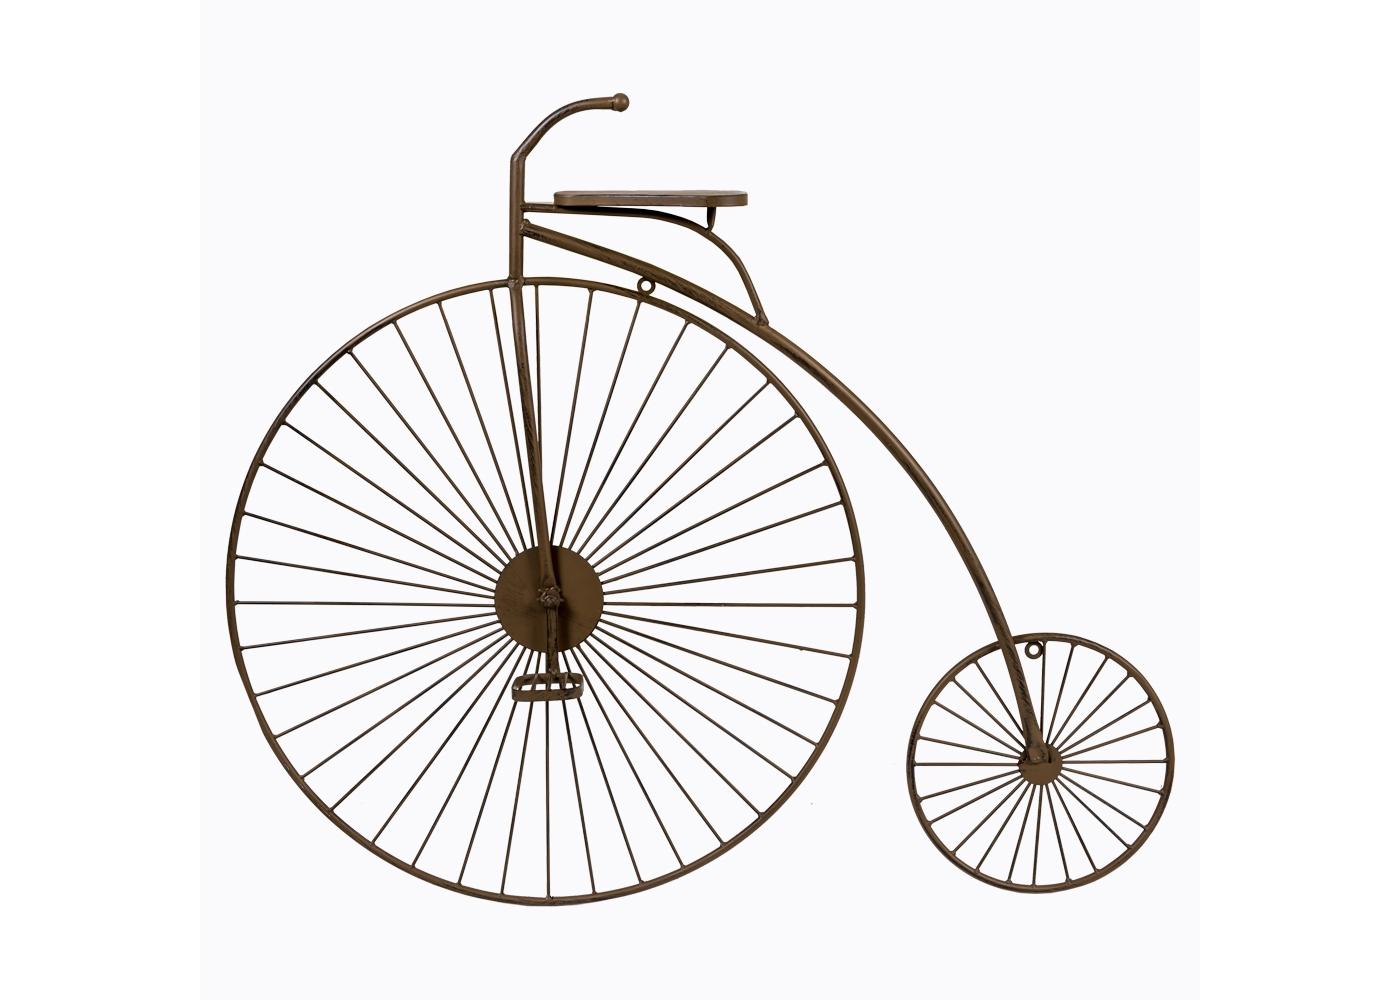 Арт-декор «Увлекательное путешествие»Другое<br>&amp;lt;div&amp;gt;Изобретение велосипеда может оказаться порой не только увлекательным, но и полезным занятием. Цель любой интерьерного изобретения - это удивление. С этой миссией двухколесная арт-инсталляция &amp;quot;Увлекательное путешествие&amp;quot; справится быстрее всех.&amp;amp;nbsp;&amp;lt;/div&amp;gt;&amp;lt;div&amp;gt;Интерьерная инсталляция &amp;quot;Увлекательное путешествие&amp;quot; - экстравагантное украшение просторных студий и пентхаусов, загородных домов и внешних фасадов. Авангардный дизайн идеален для ультрамодных интерьеров в жанрах &amp;quot;индастриал&amp;quot;, &amp;quot;лофт&amp;quot; и &amp;quot;хай-тек&amp;quot;.&amp;amp;nbsp;&amp;lt;/div&amp;gt;&amp;lt;div&amp;gt;Металлические предметы декора идеально совместимы с натуральными деревом и текстилем, разноцветными подушками и ковриками, керамикой, живыми растениями и цветами.&amp;lt;/div&amp;gt;&amp;lt;div&amp;gt;&amp;lt;br&amp;gt;&amp;lt;/div&amp;gt;<br><br>&amp;lt;iframe width=&amp;quot;530&amp;quot; height=&amp;quot;360&amp;quot; src=&amp;quot;https://www.youtube.com/embed/NnFNLdB2hYk&amp;quot; frameborder=&amp;quot;0&amp;quot; allowfullscreen=&amp;quot;&amp;quot;&amp;gt;&amp;lt;/iframe&amp;gt;<br><br>Material: Металл<br>Width см: 90<br>Depth см: 9<br>Height см: 107